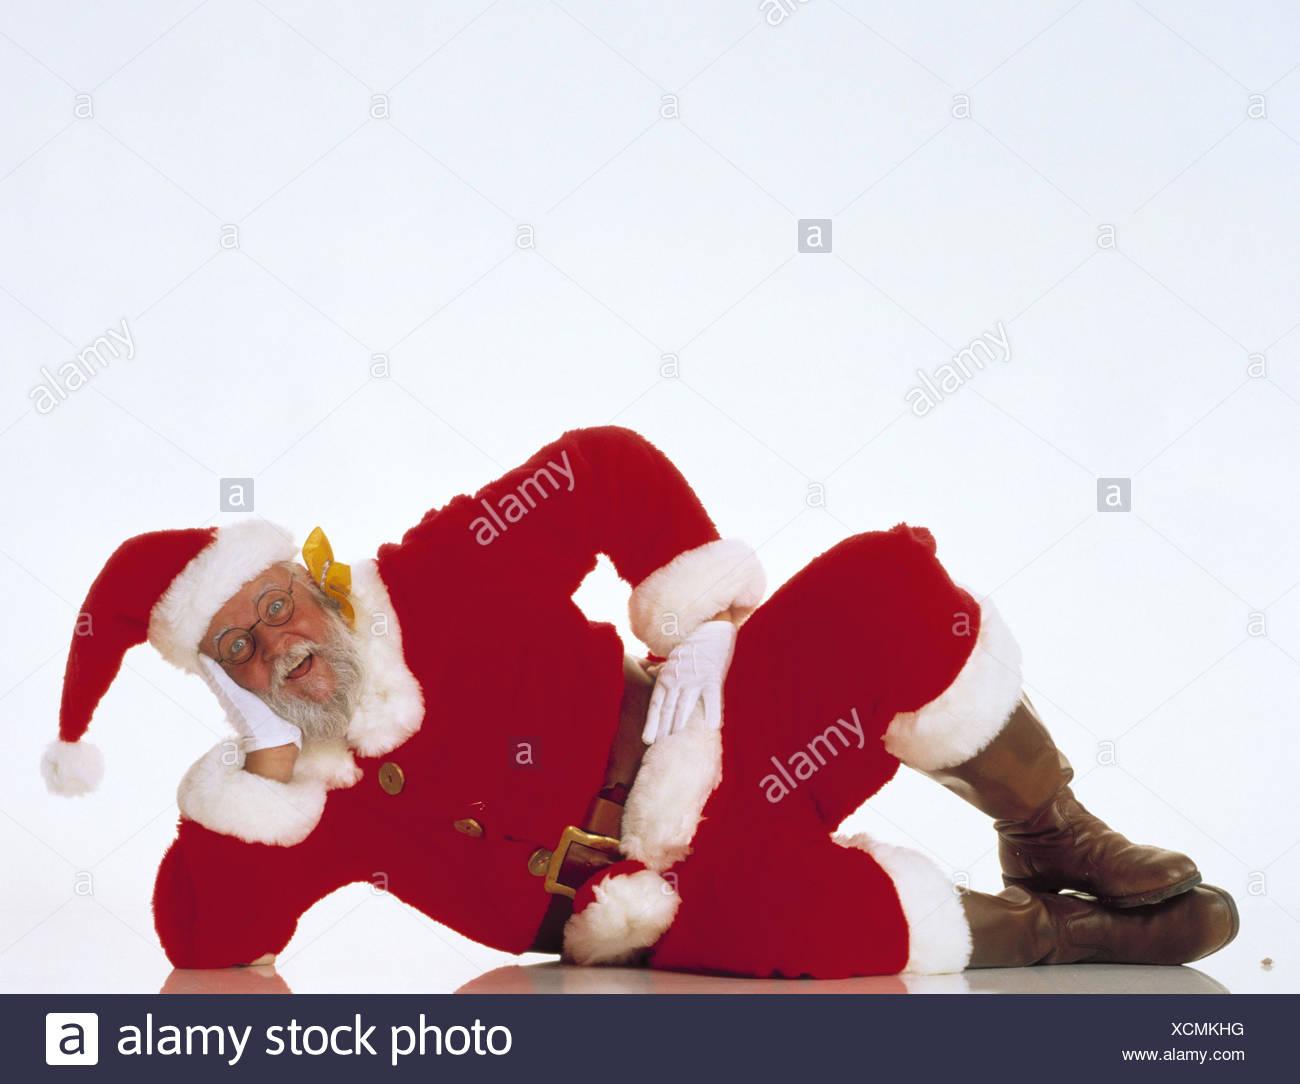 Santa Claus, la mentira, la cabeza, X-mas, Navidad, Santa, la recreación, el descanso descanso, tómalo con calma, inside, studio, recortar X MAS carpeta, Imagen De Stock